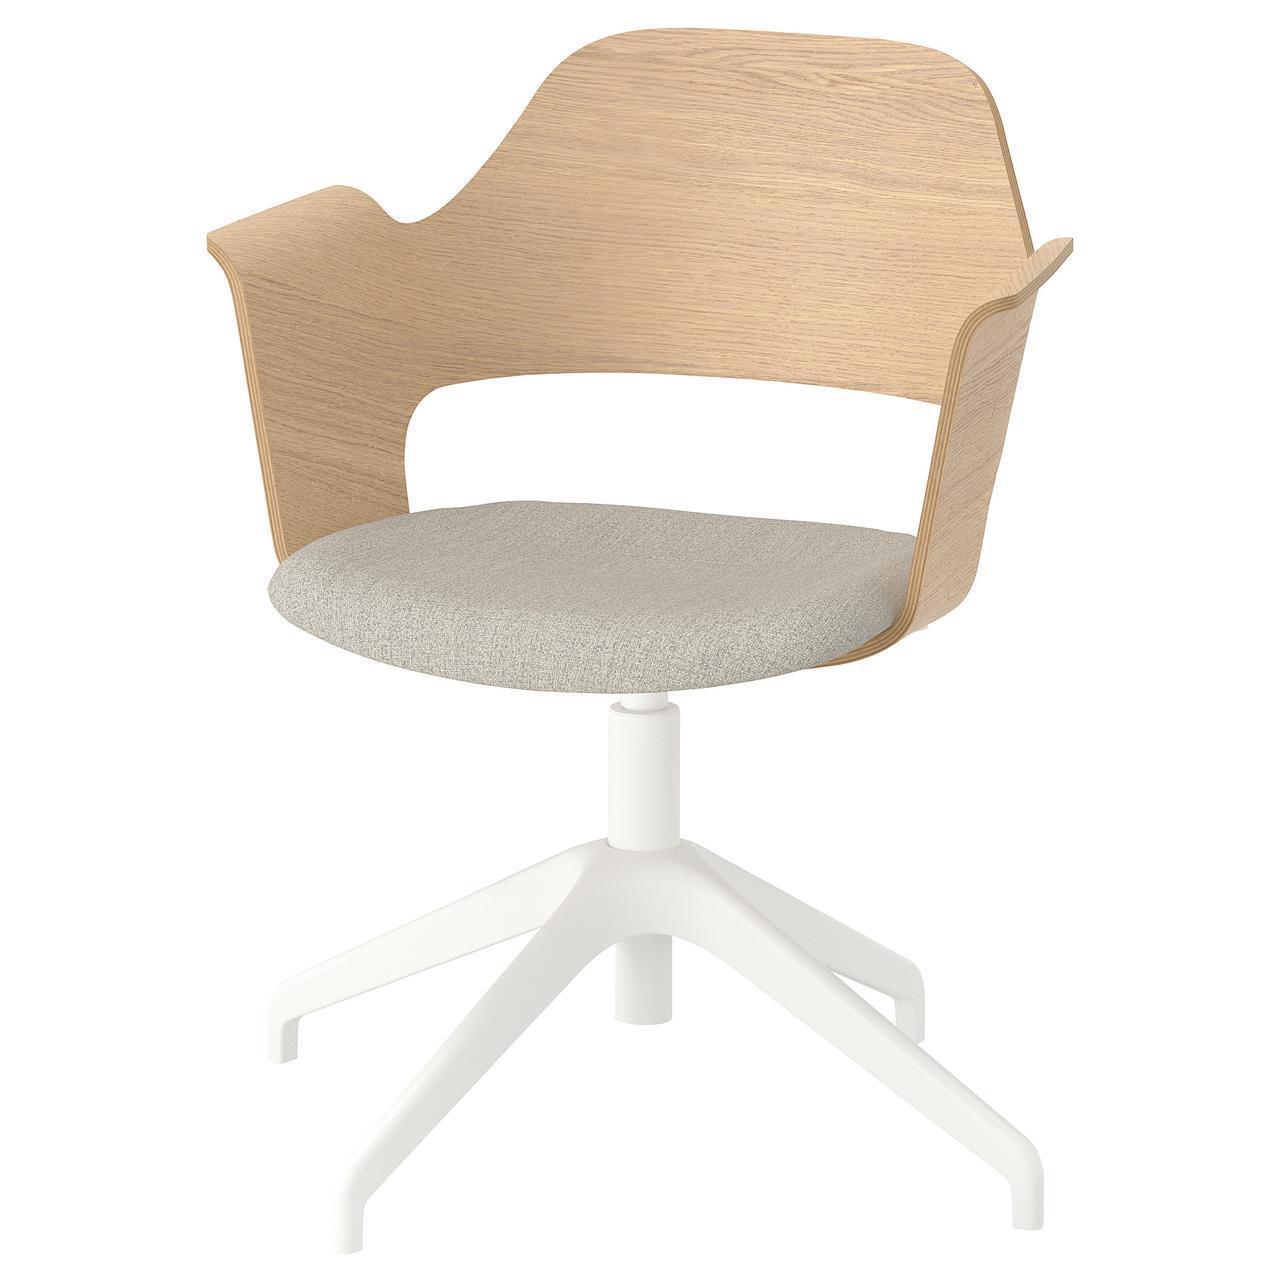 Кресло для конференций IKEA FJÄLLBERGET беленый дуб Gunnared бежевое светло-бежевое белое 803.964.22